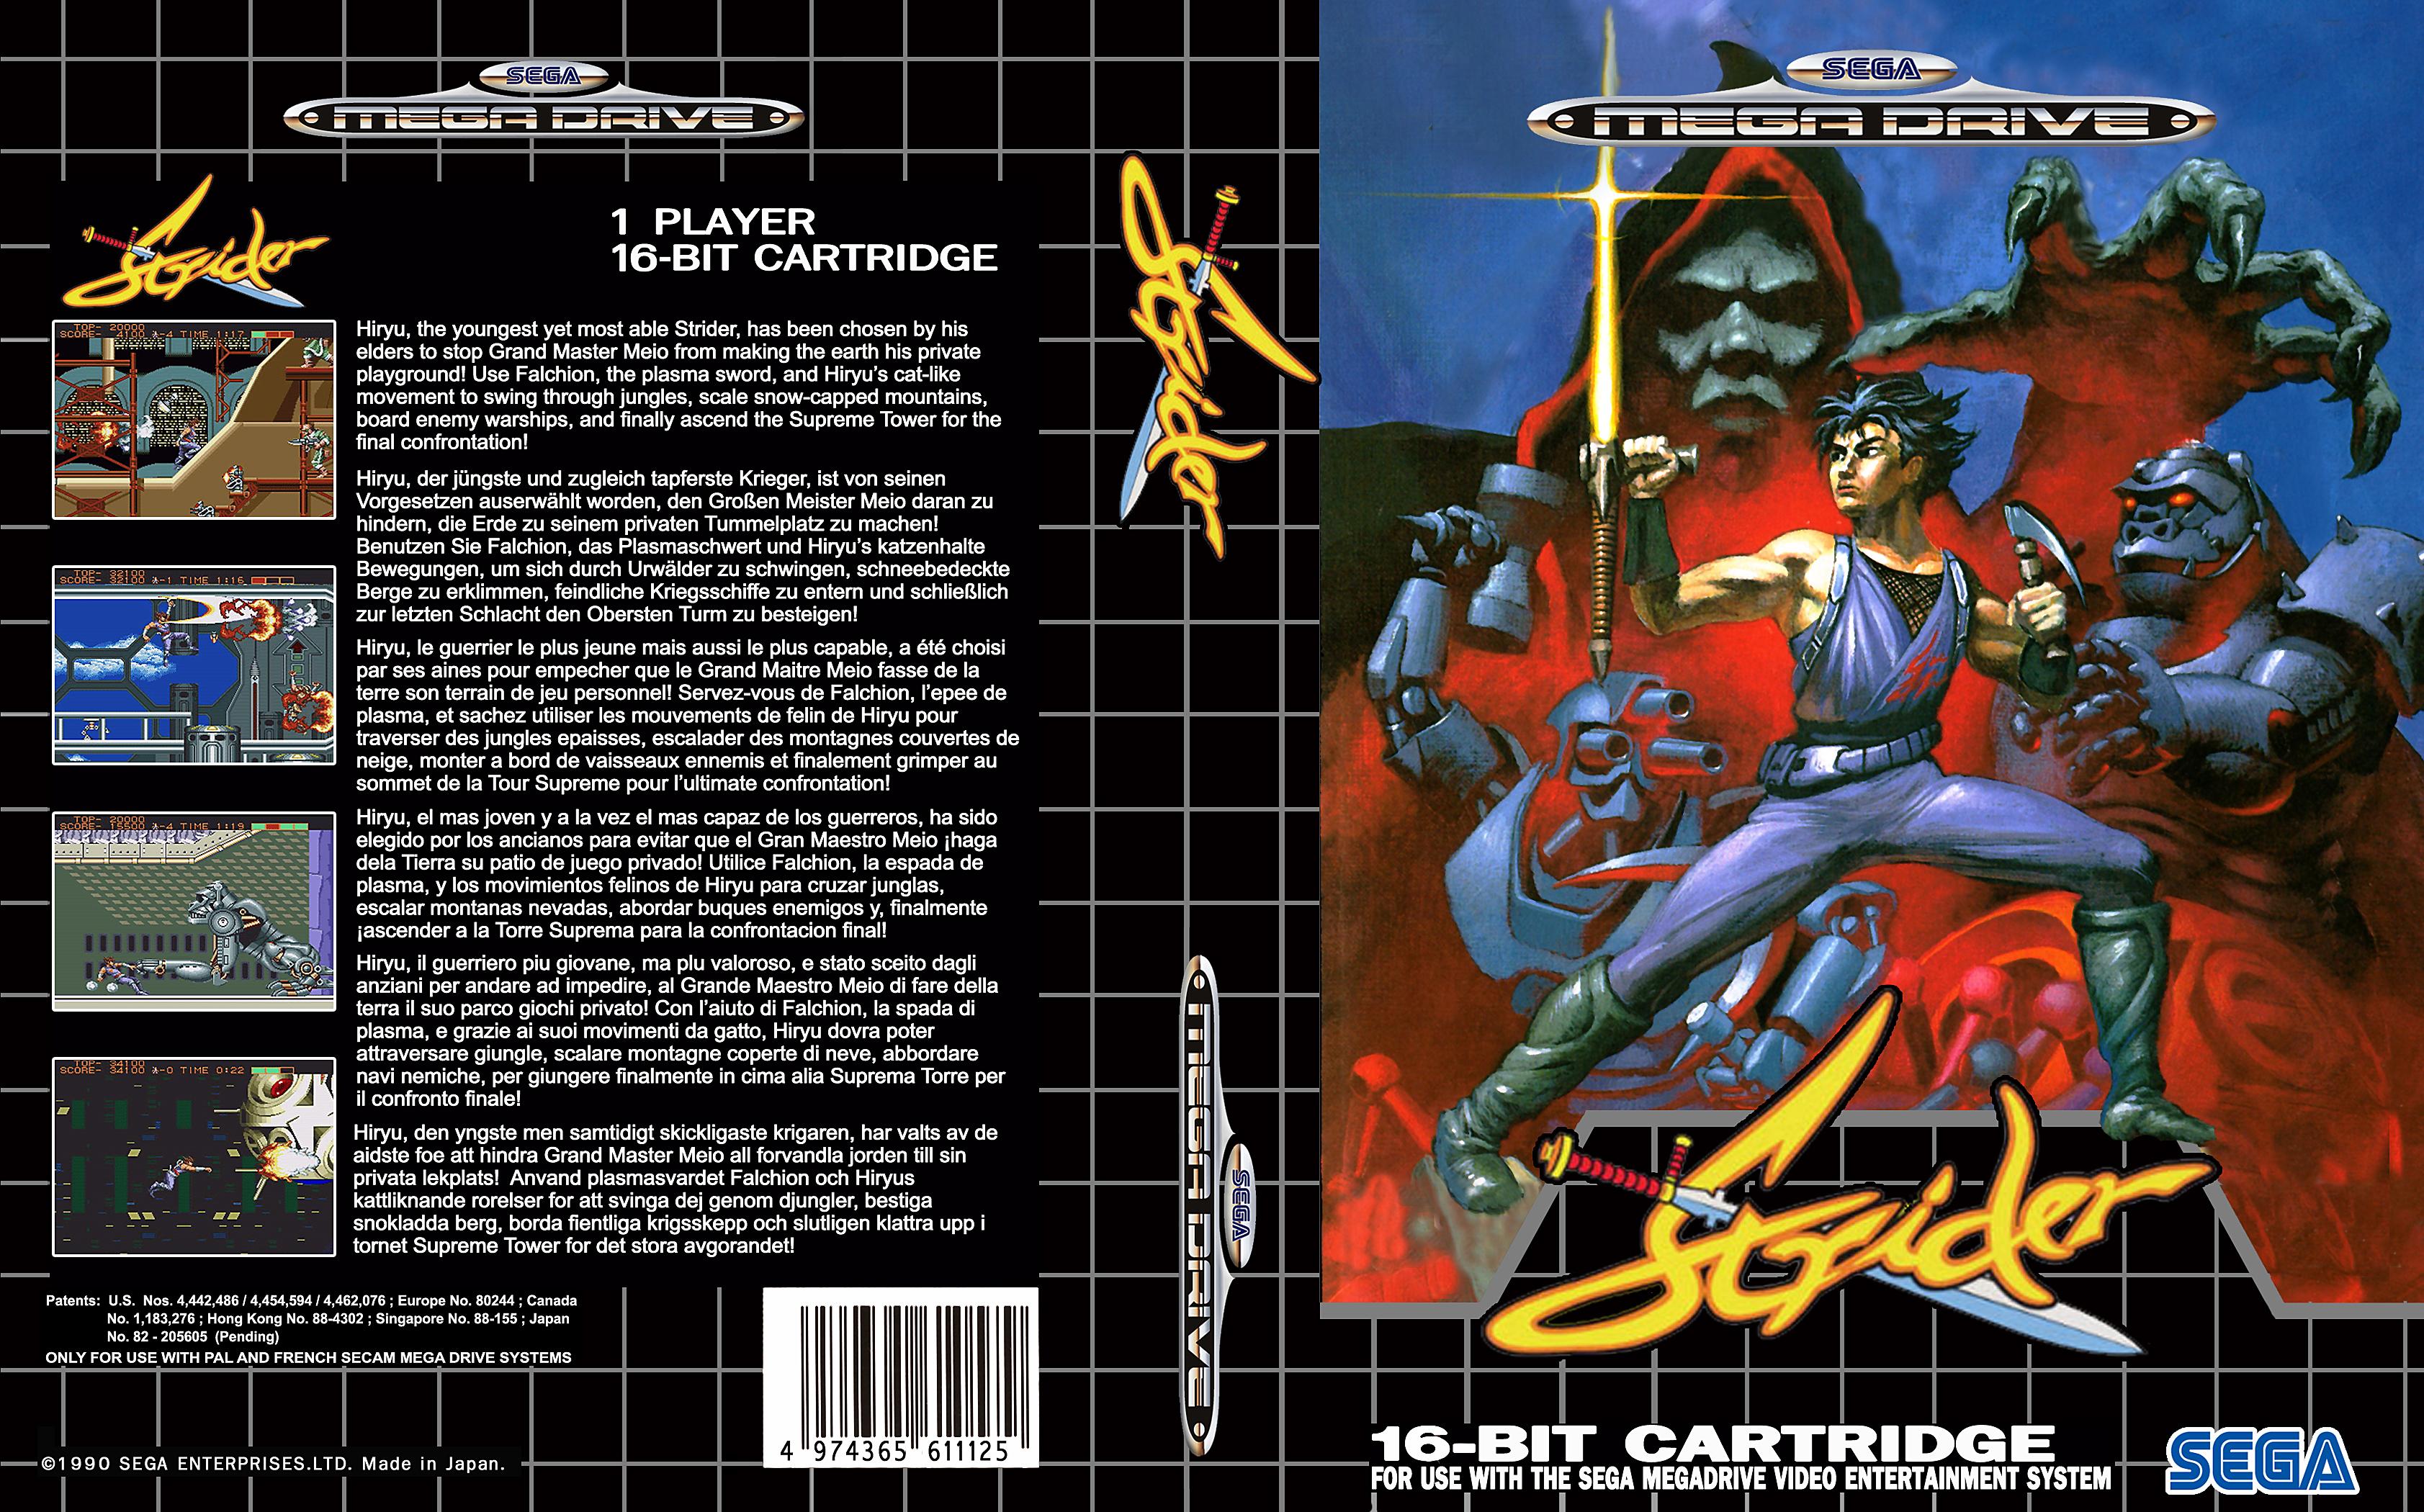 Sega Megadrive Genesis Game